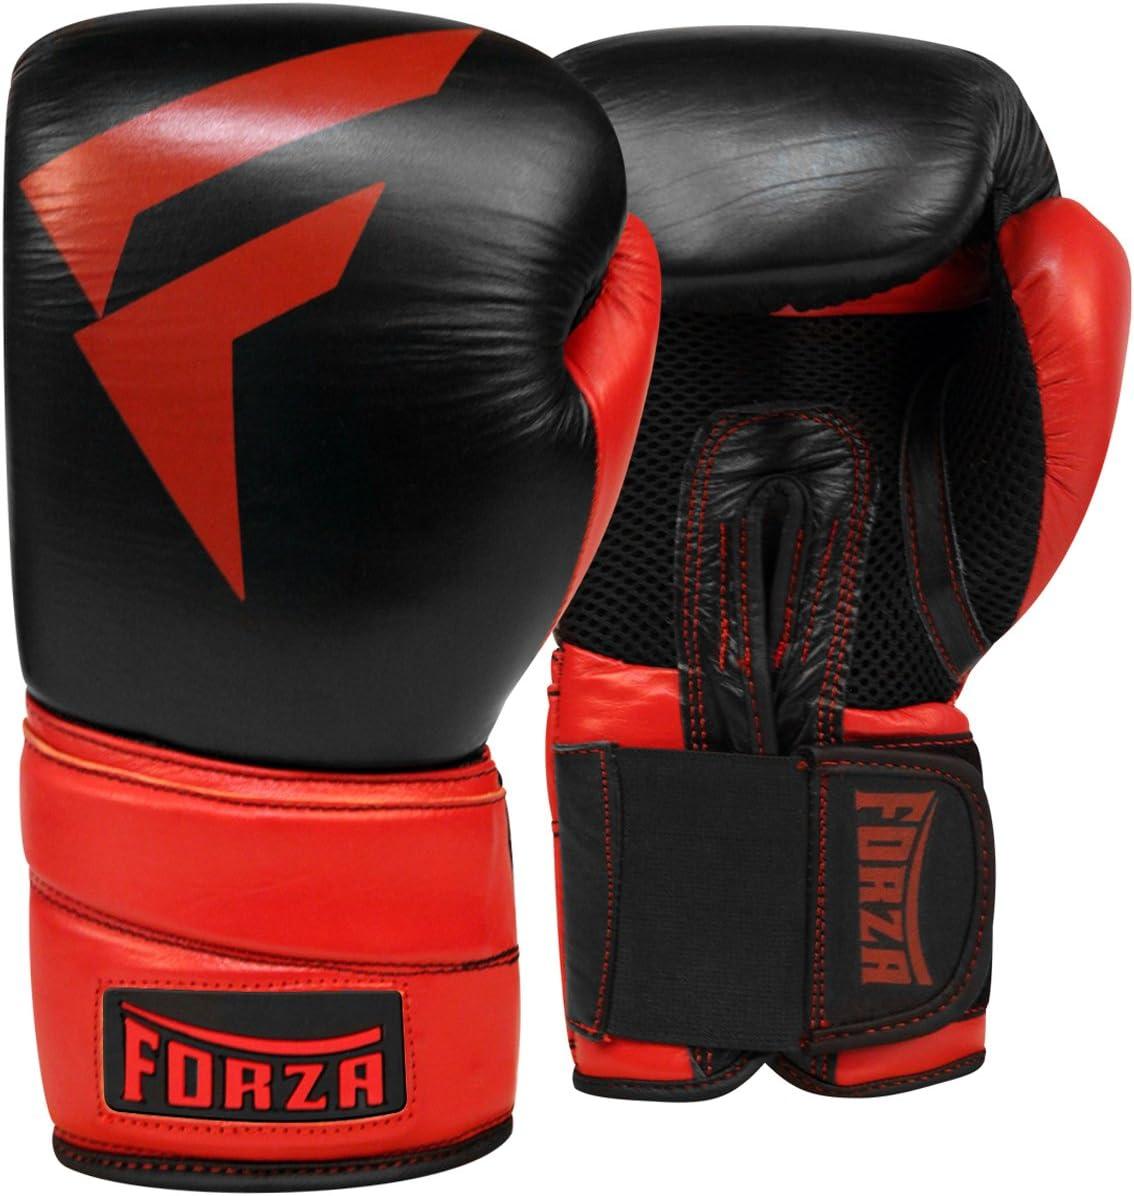 Forza MMA Proレザーボクシンググローブ – ブラック/レッド